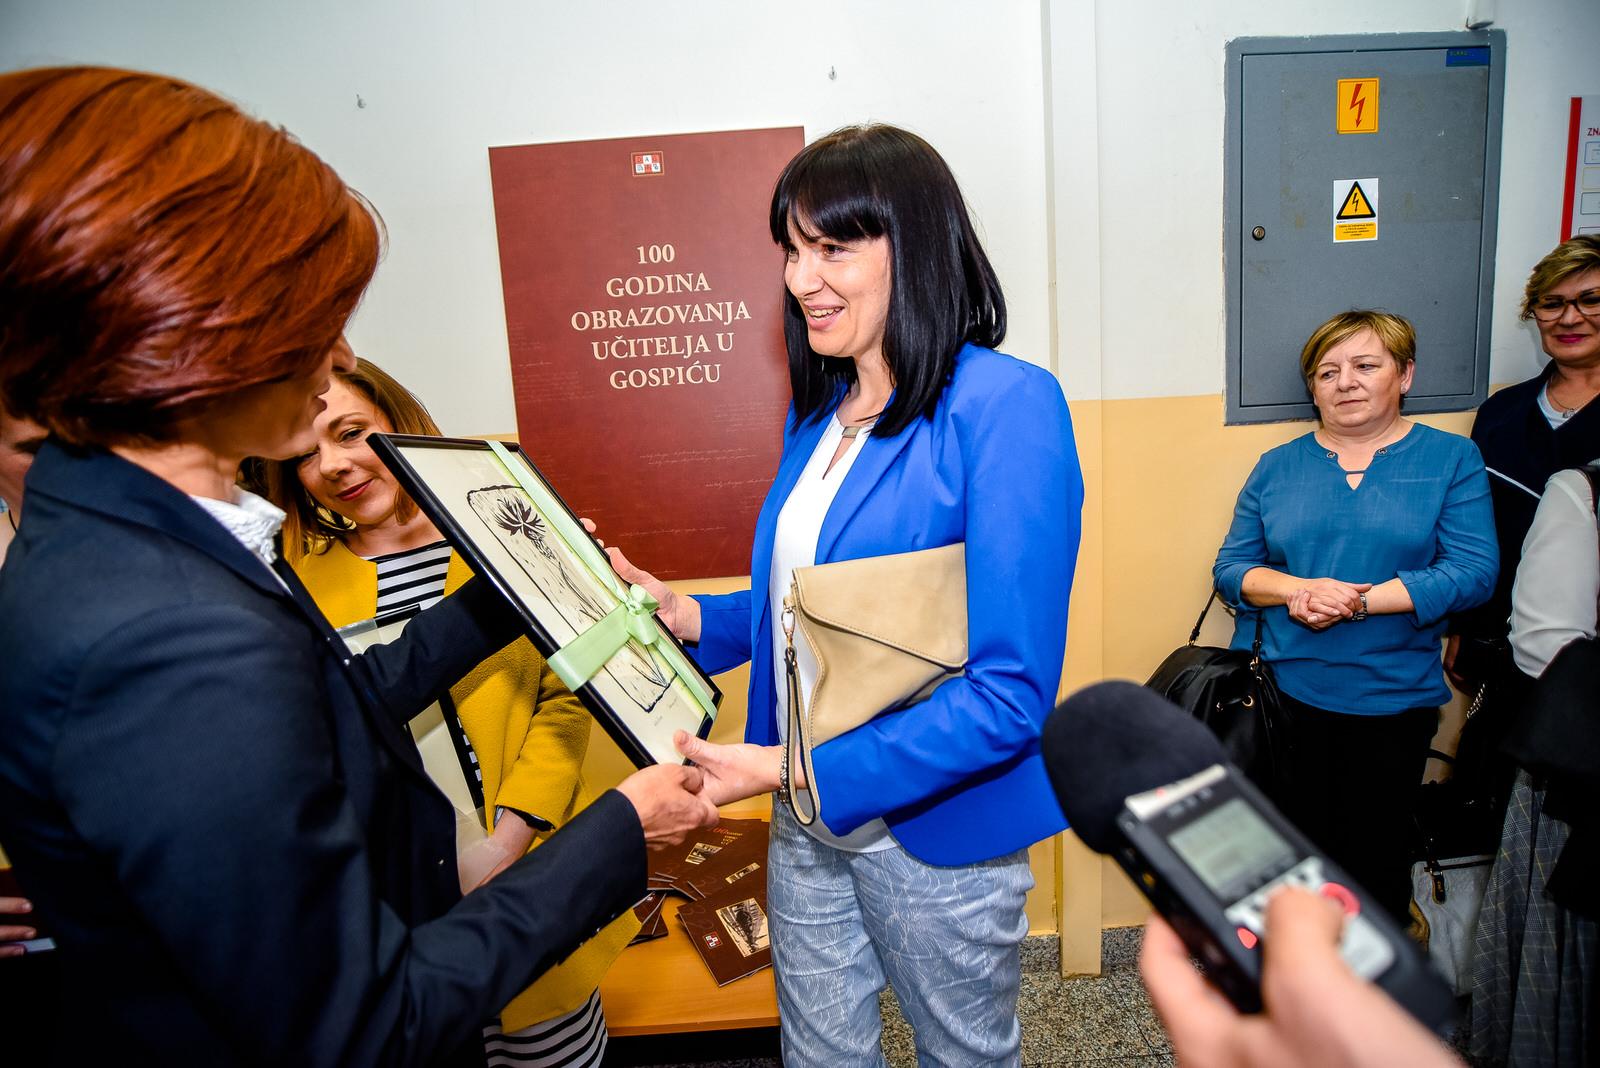 likaclub_gospić_100-godina-obrazovanja-učitelja-u-gospiću_2019-22